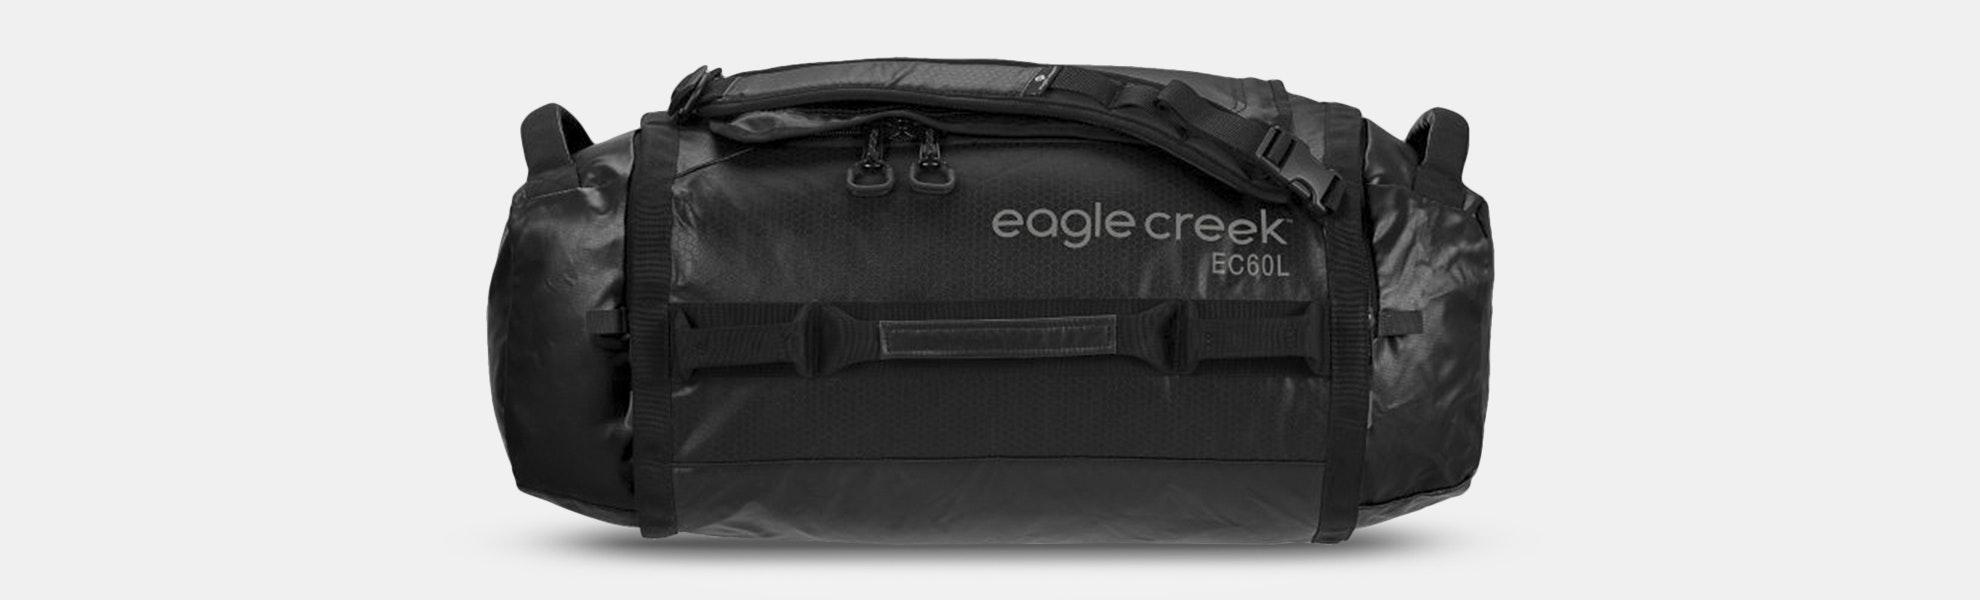 Eagle Creek Cargo Hauler Duffel